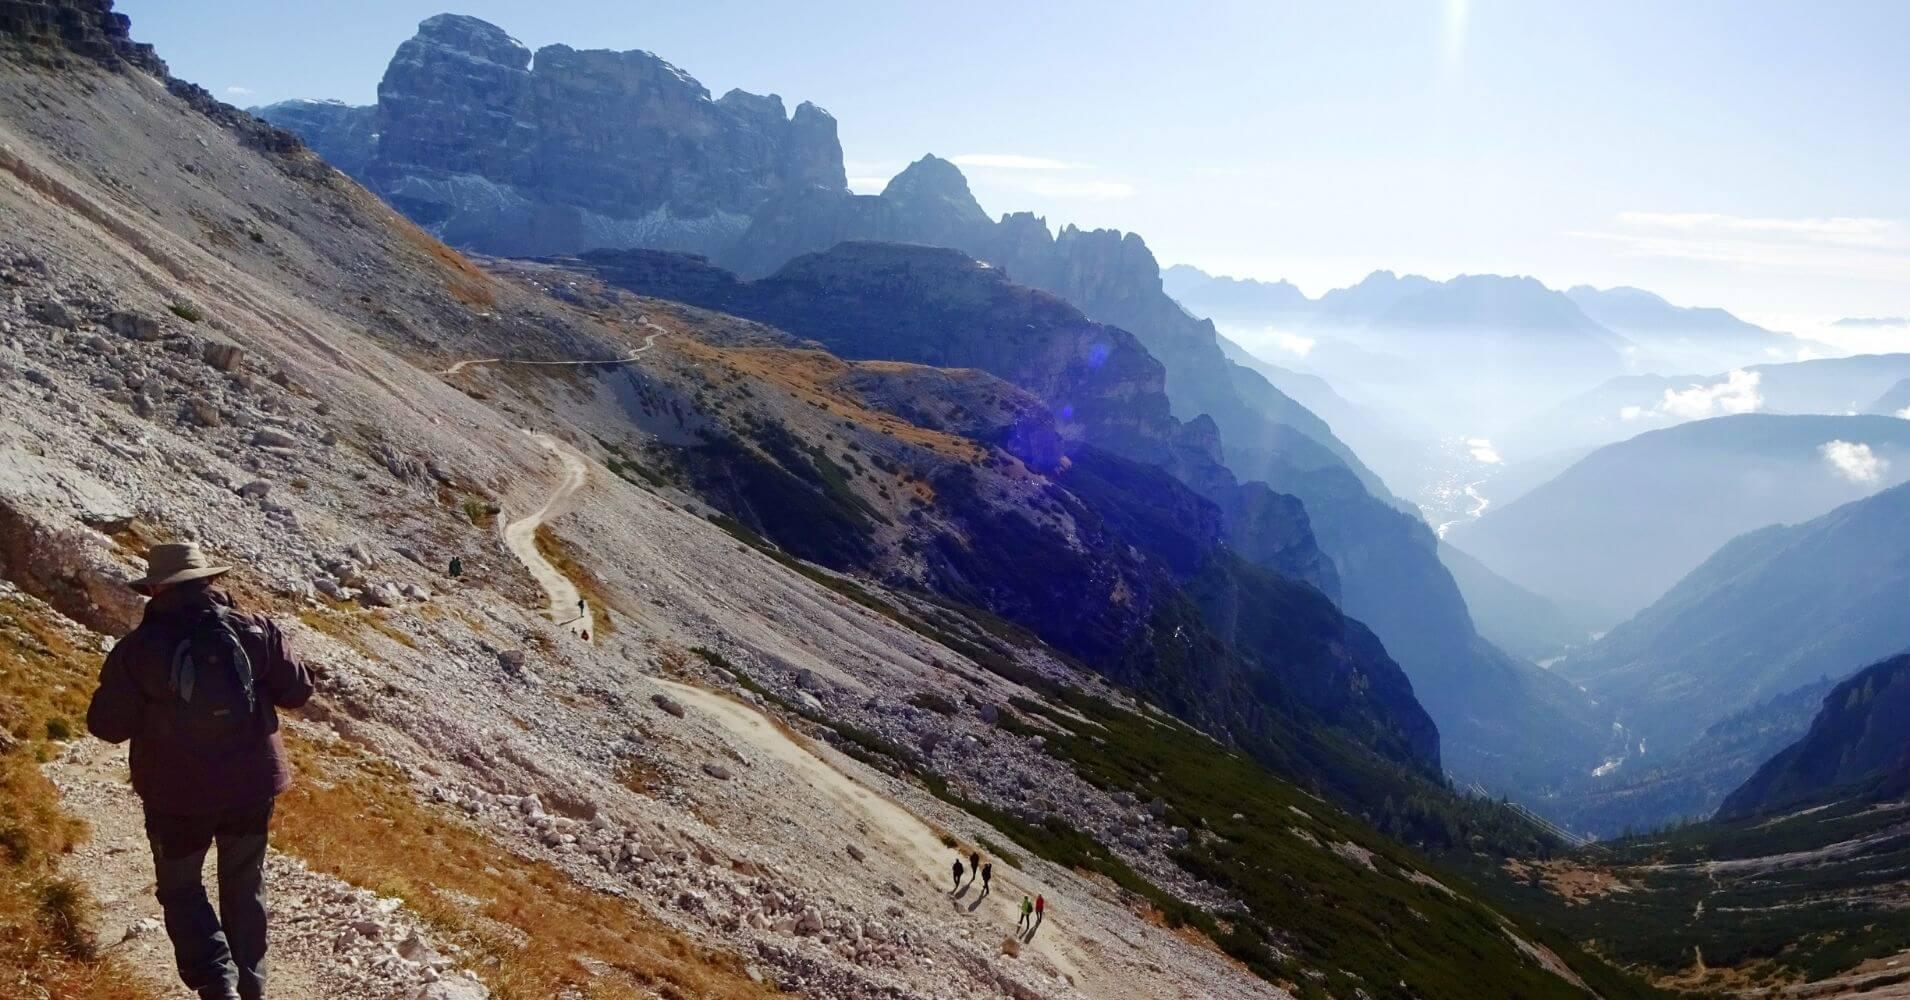 Vuelta a las Tres Cimas di Lavaredo. Alpes Dolomitas. Alrededores de Cortna d' Ampezzo. Belluno, Véneto. Italia.